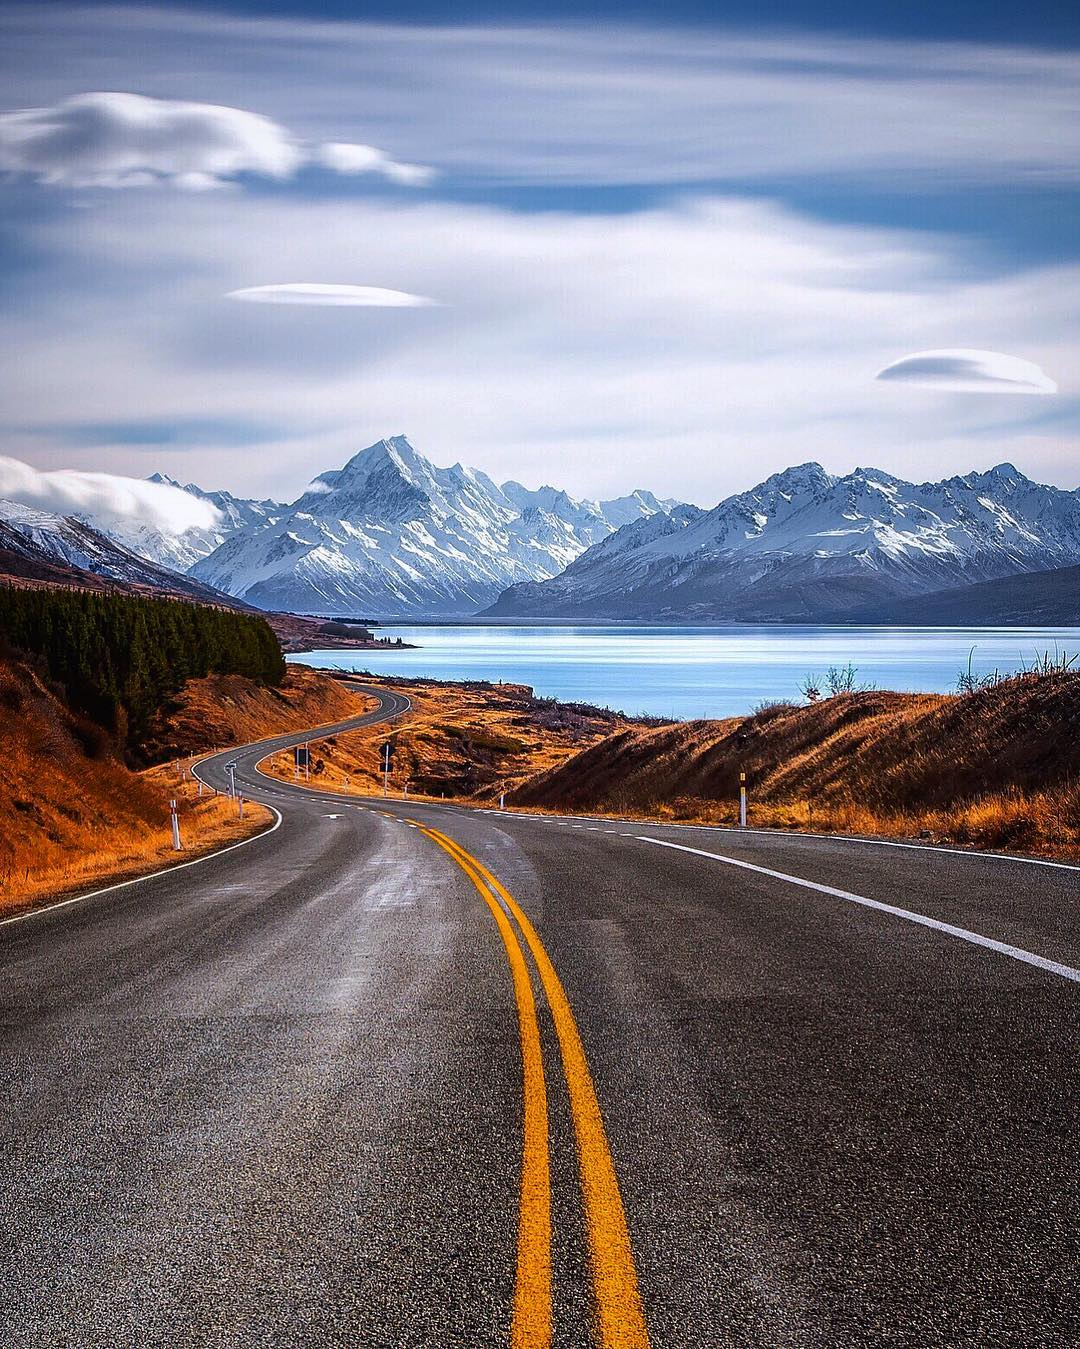 природой красивые картинками с дорогами каждым